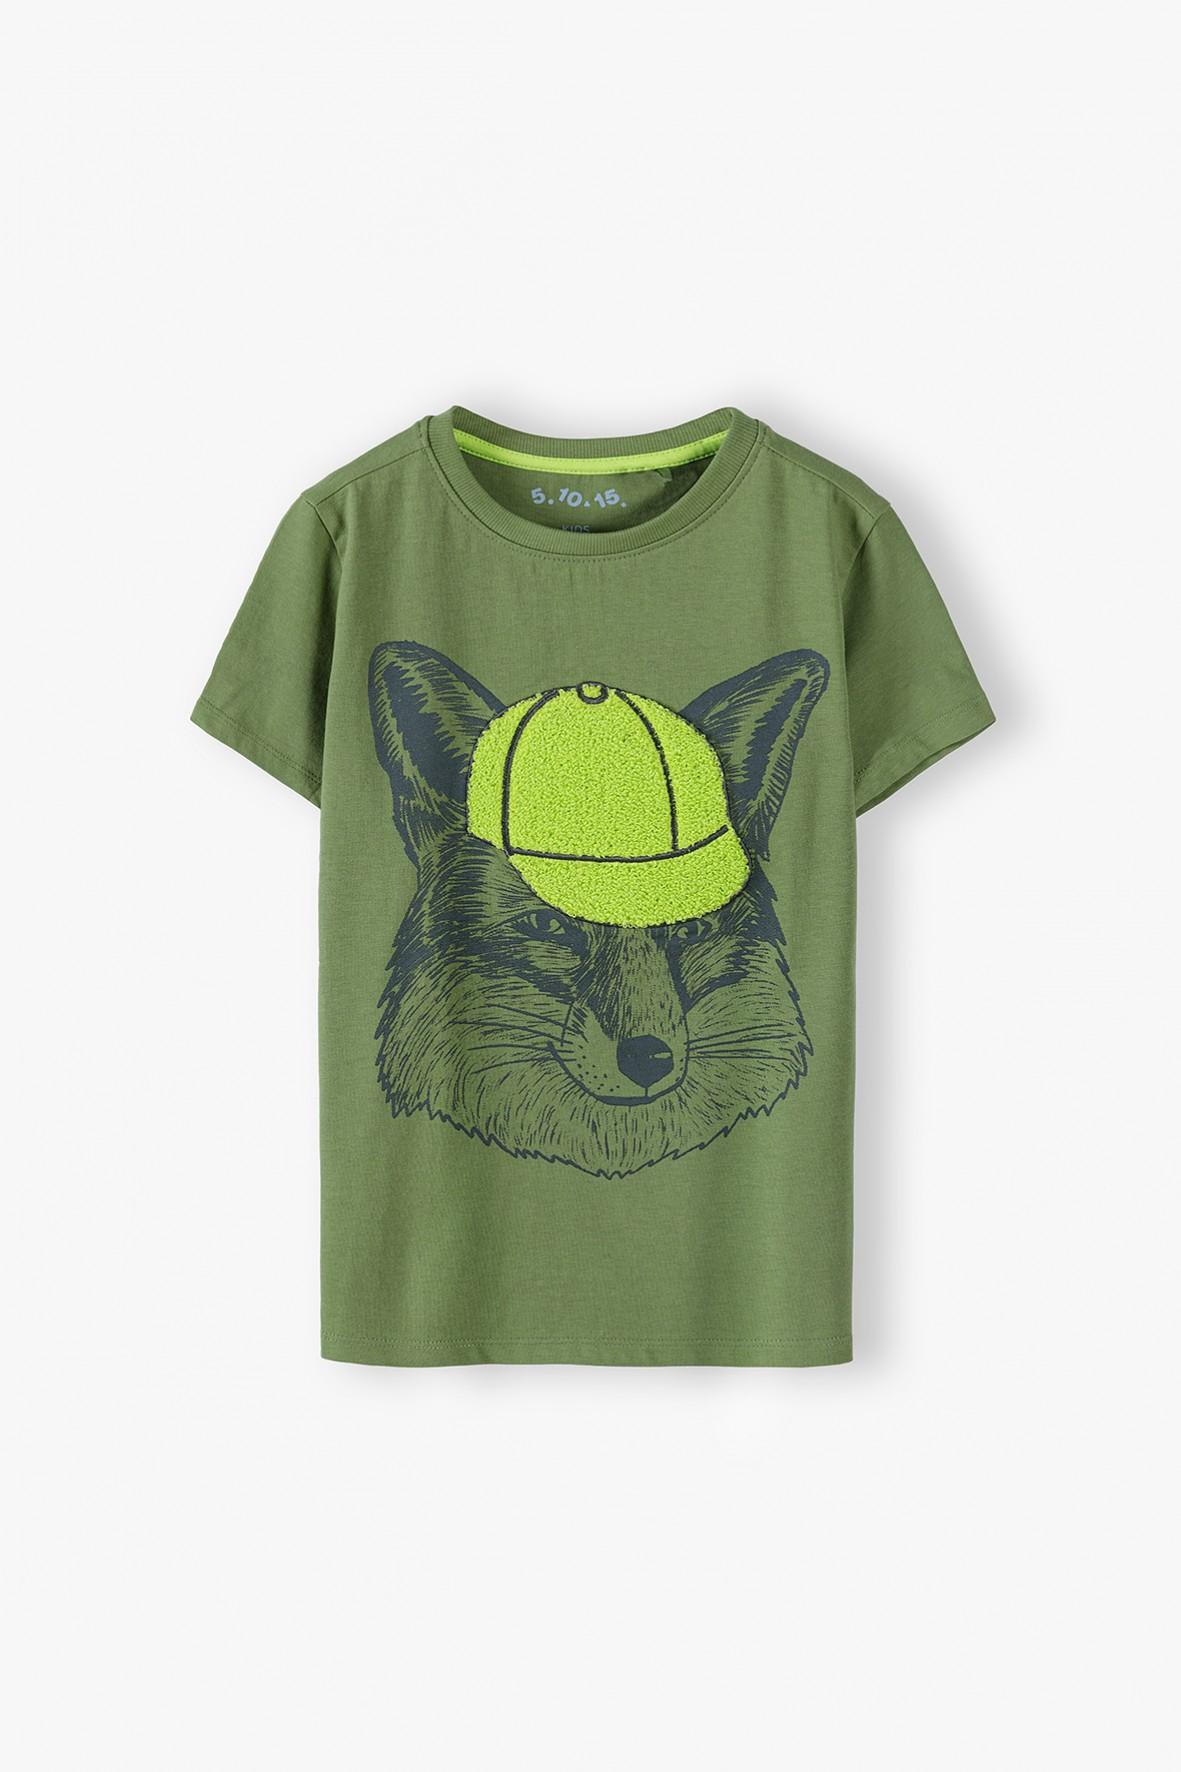 T-shirt chłopięcy bawełniany zielony z nadrukiem lisa